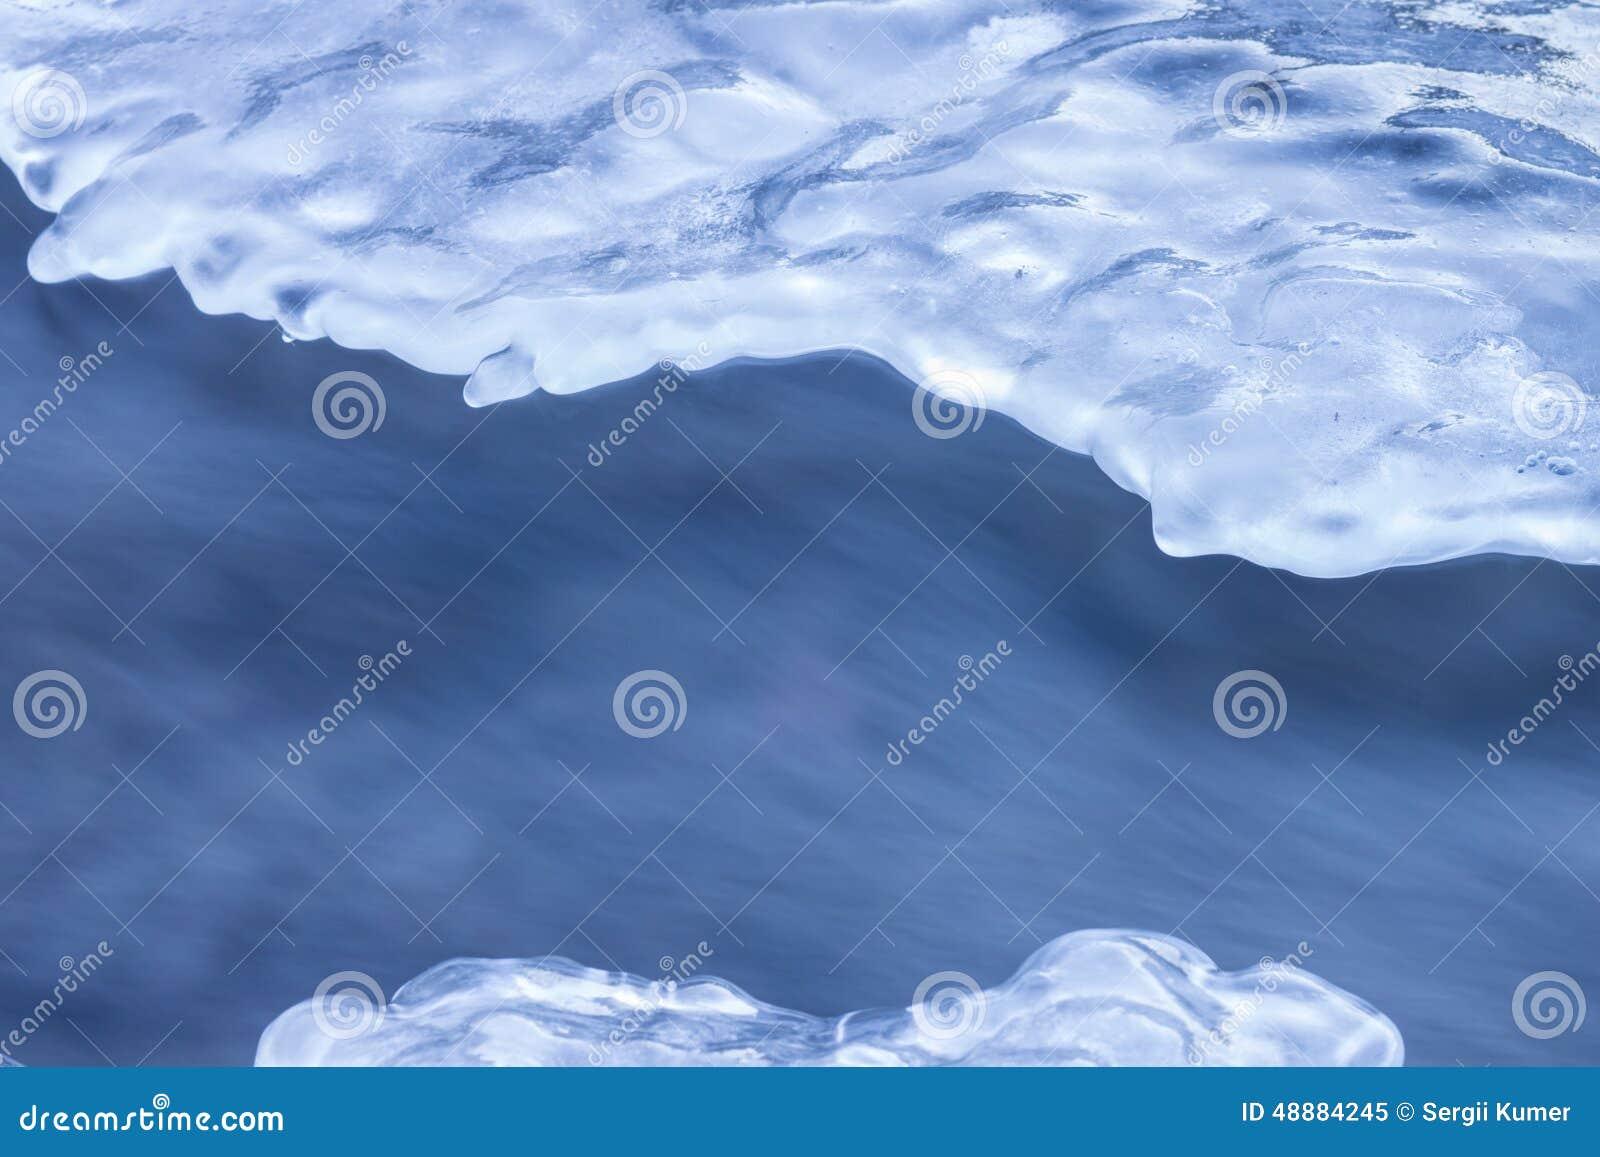 Abstrakter Winterhintergrund